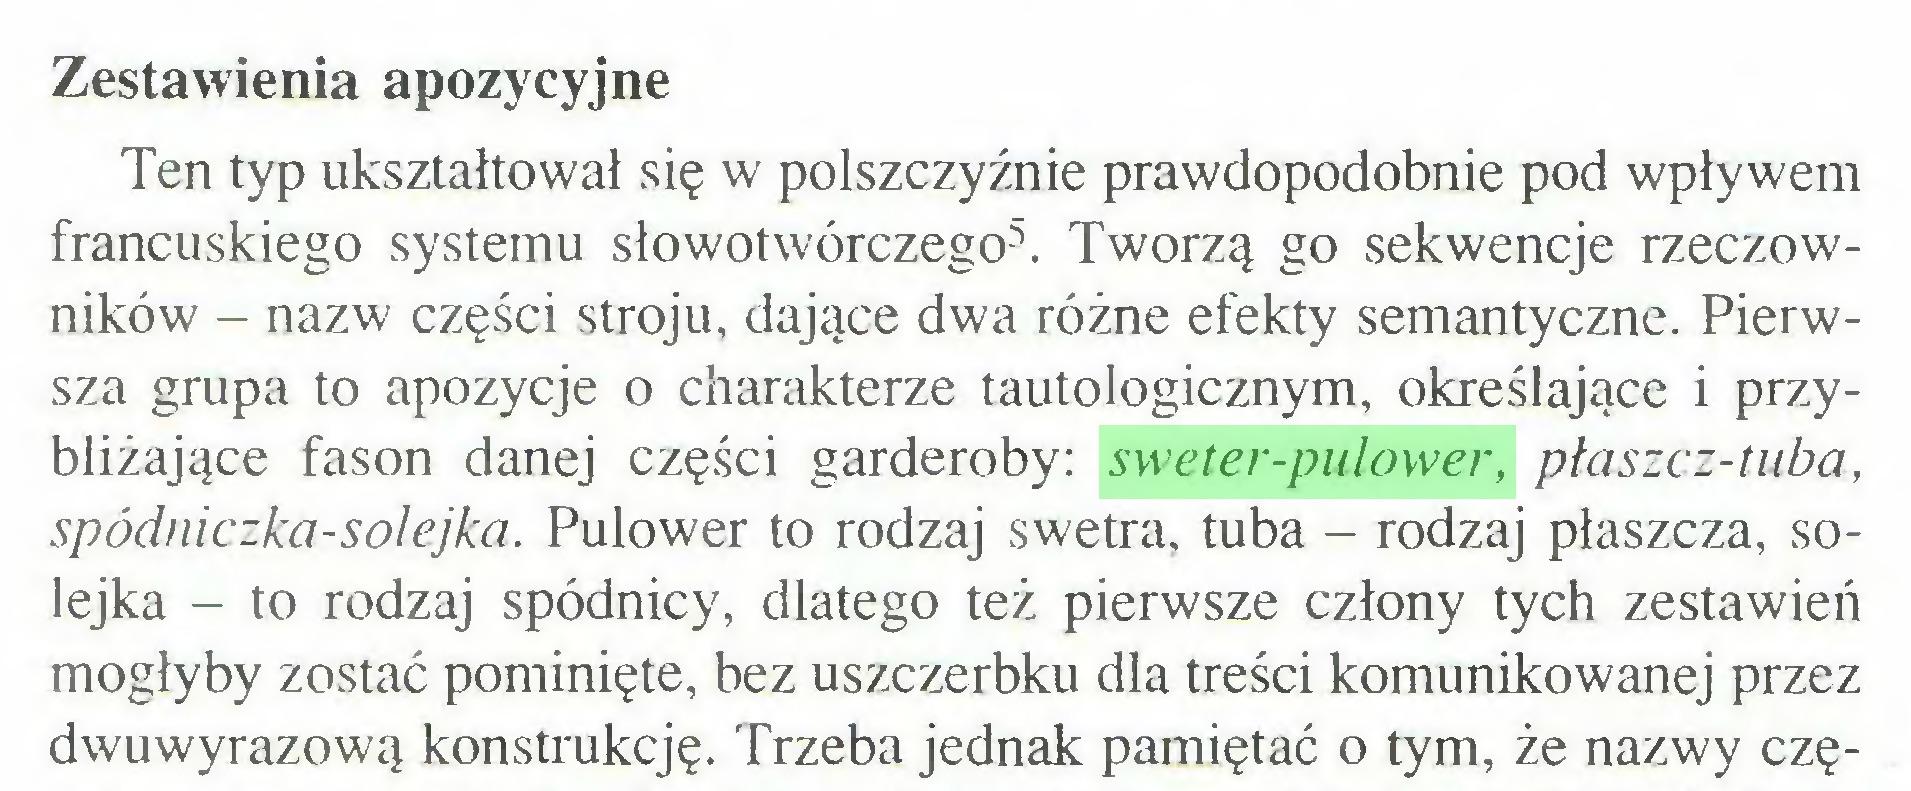 (...) Zestawienia apozycyjne Ten typ ukształtował się w polszczyźnie prawdopodobnie pod wpływem francuskiego systemu słowotwórczego5. Tworzą go sekwencje rzeczowników - nazw części stroju, dające dwa różne efekty semantyczne. Pierwsza grupa to apozycje o charakterze tautologicznym, określające i przybliżające fason danej części garderoby: sweter-pulower, płaszcz-tuba, spódniczka-solejka. Pulower to rodzaj swetra, tuba - rodzaj płaszcza, solejka - to rodzaj spódnicy, dlatego też pierwsze człony tych zestawień mogłyby zostać pominięte, bez uszczerbku dla treści komunikowanej przez dwuwyrazową konstrukcję. Trzeba jednak pamiętać o tym, że nazwy czę...